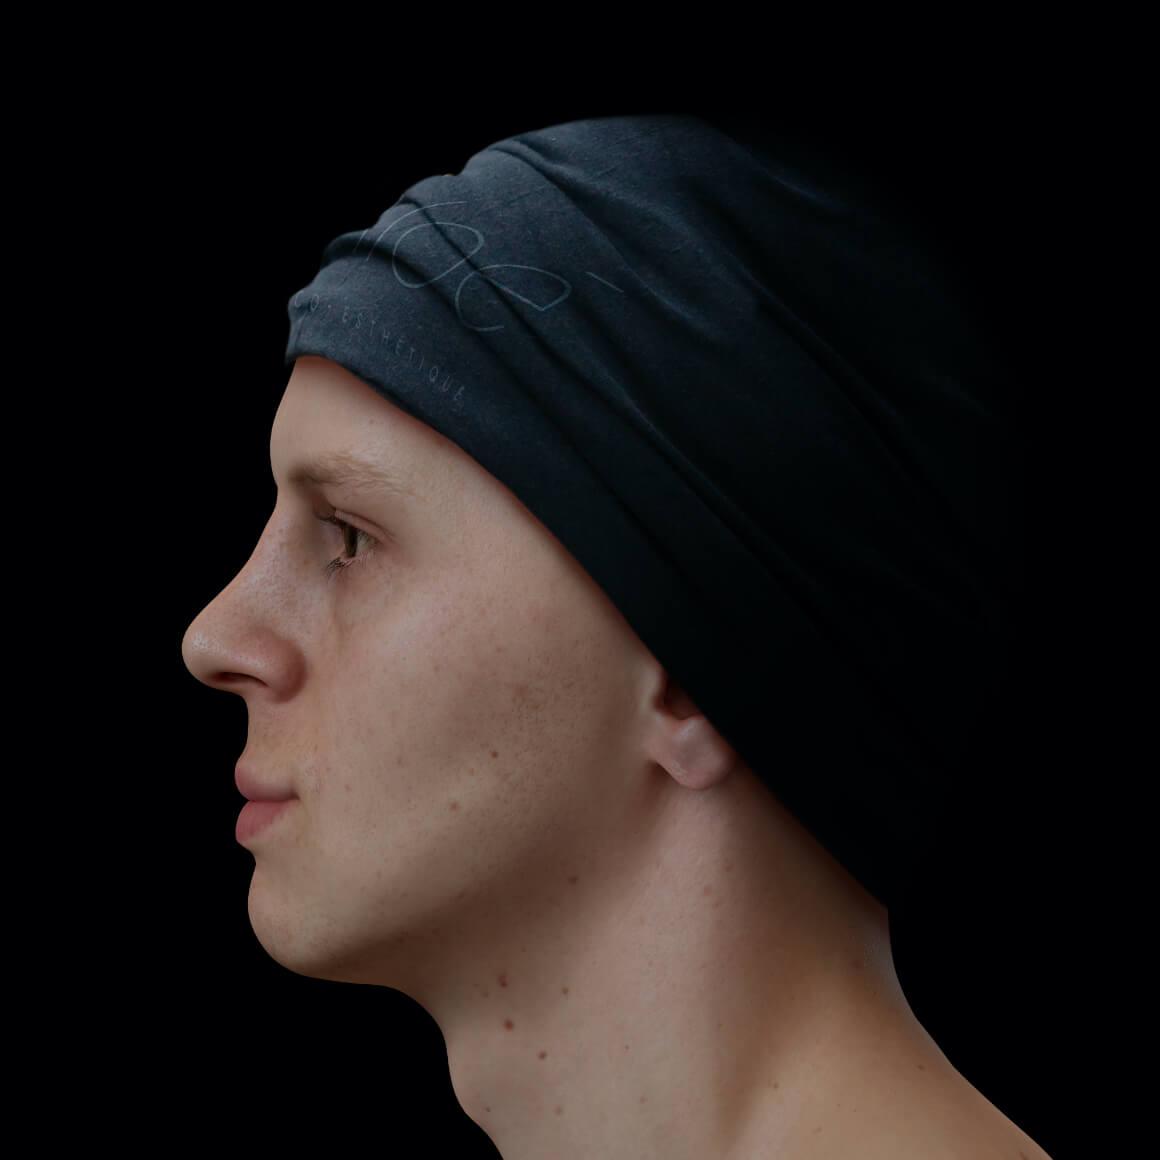 Patient de la Clinique Chloé positionné de côté après des injections de Radiesse pour la définition de la mâchoire